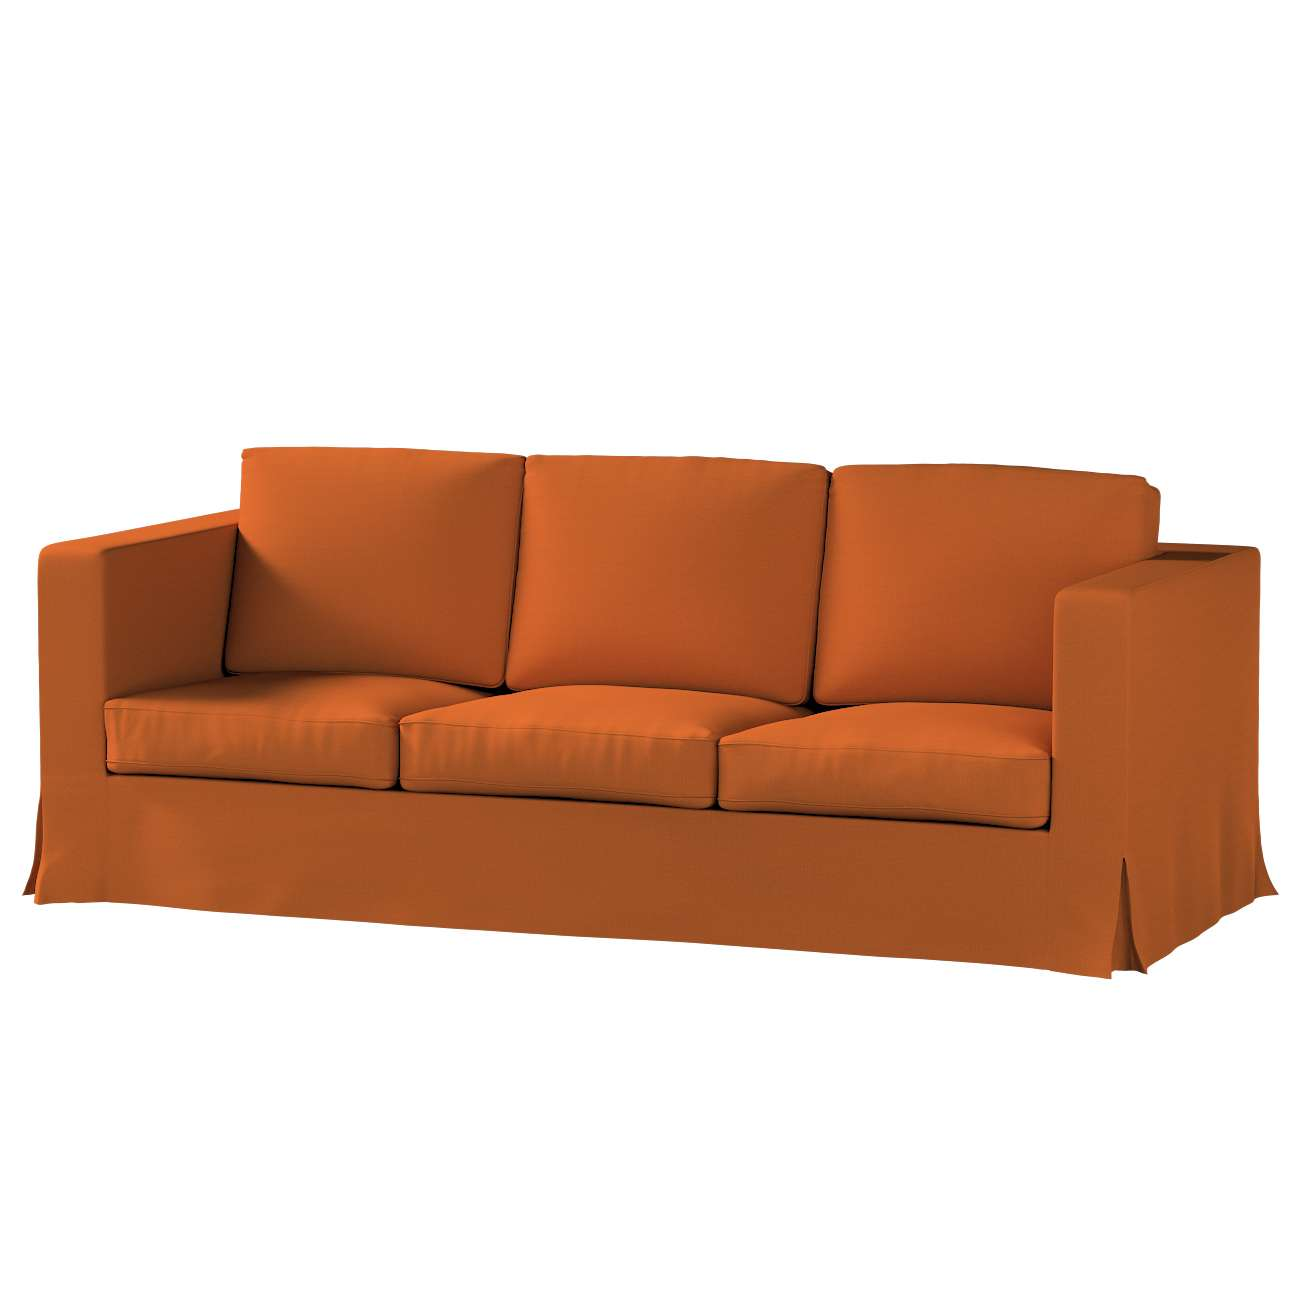 Bezug für Karlanda 3-Sitzer Sofa nicht ausklappbar, lang von der Kollektion Cotton Panama, Stoff: 702-42